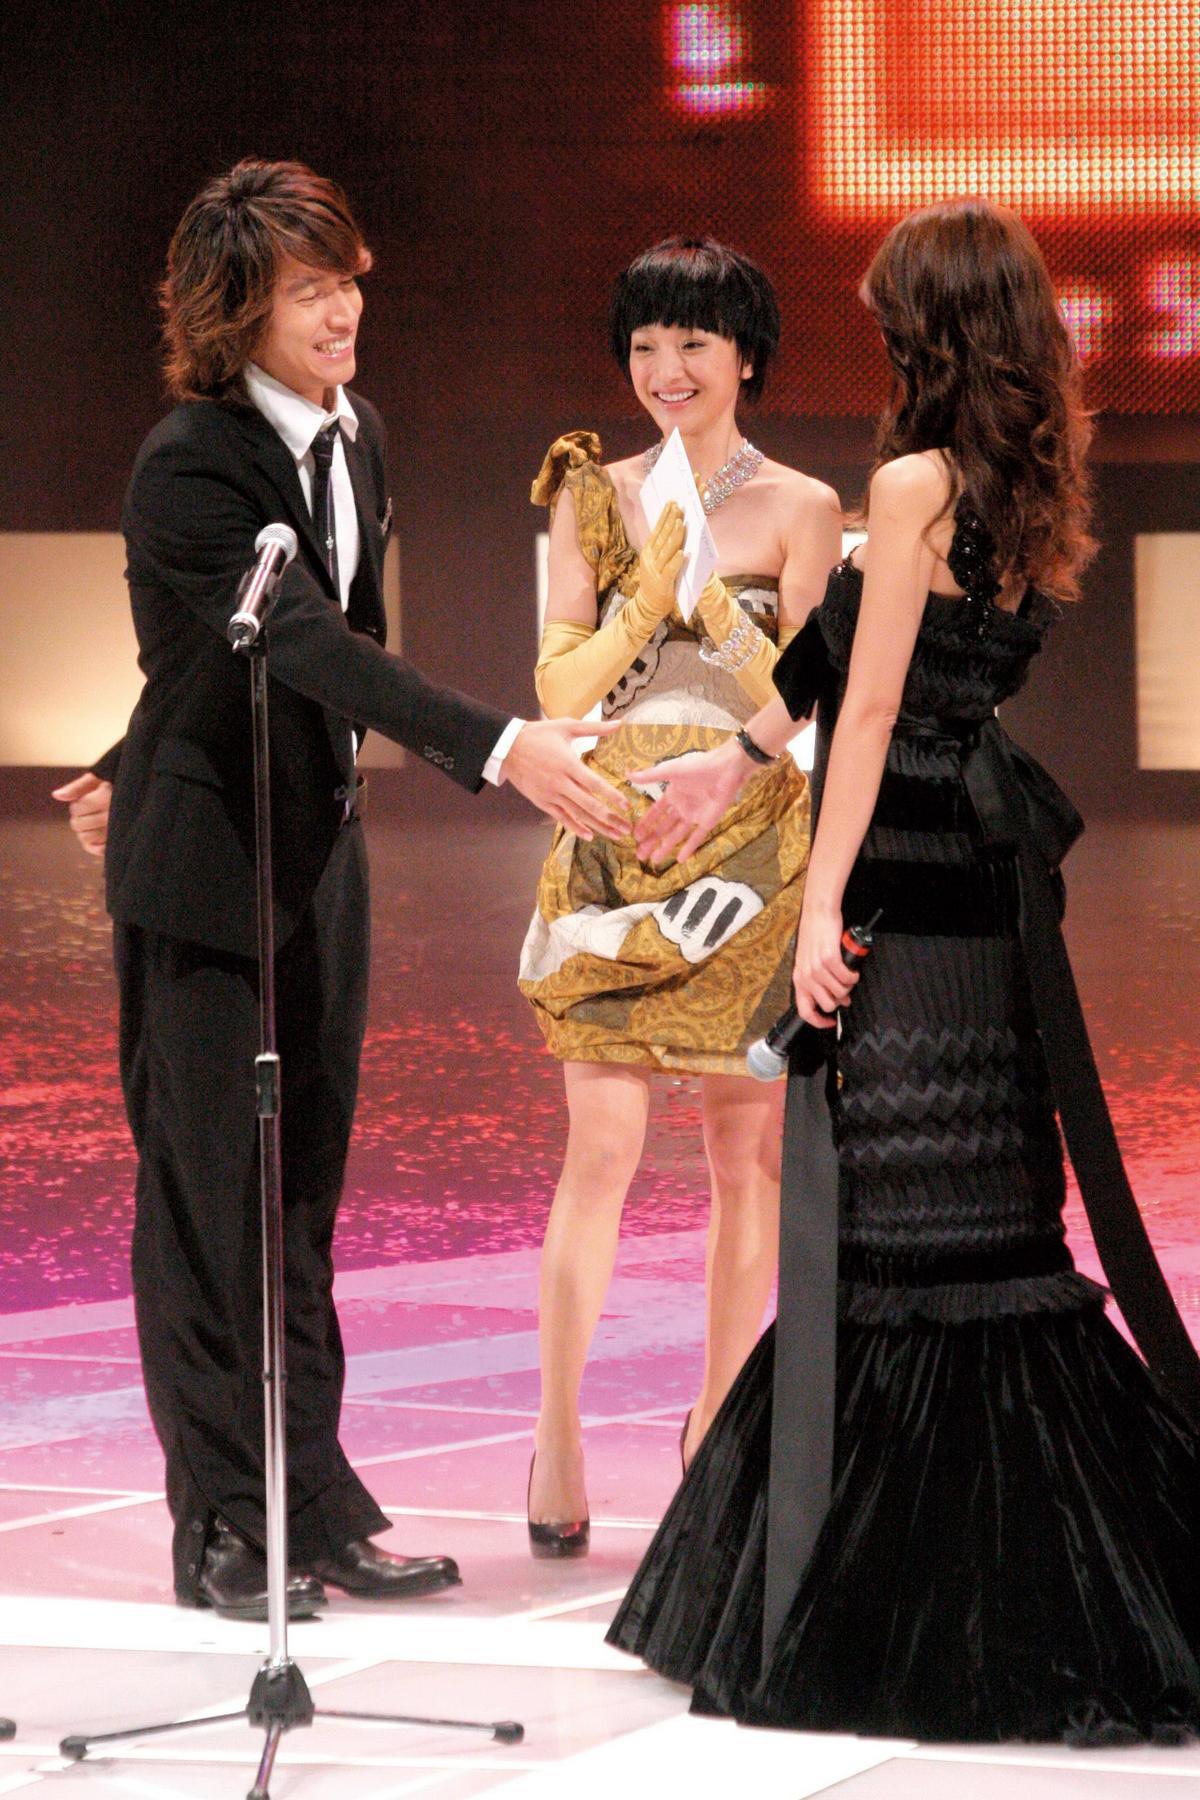 言承旭(左)與林志玲(右)傳出戀情後就鮮少同台,林志玲曾於2006年擔任亞太影展主持人、言承旭為頒獎嘉賓,兩人在台上握手形成既尷尬又甜蜜的畫面。中為周迅。(東方IC)